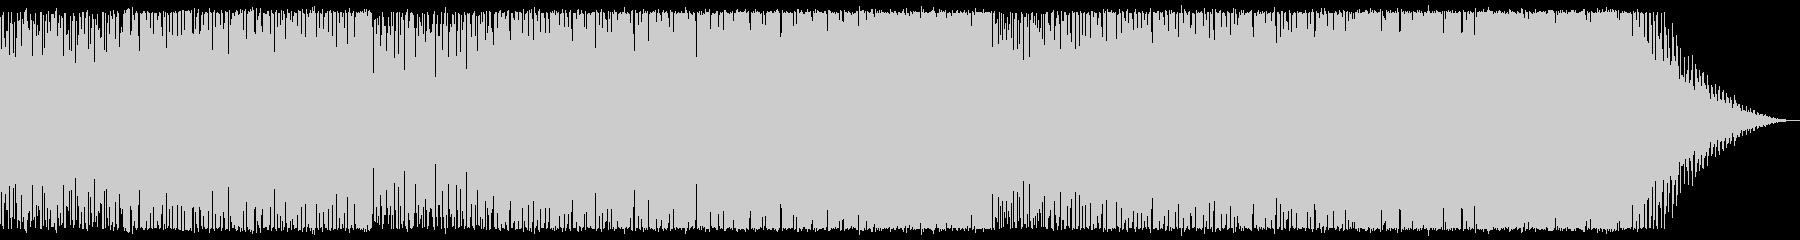 爽やか/ピアノハウス_No440の未再生の波形